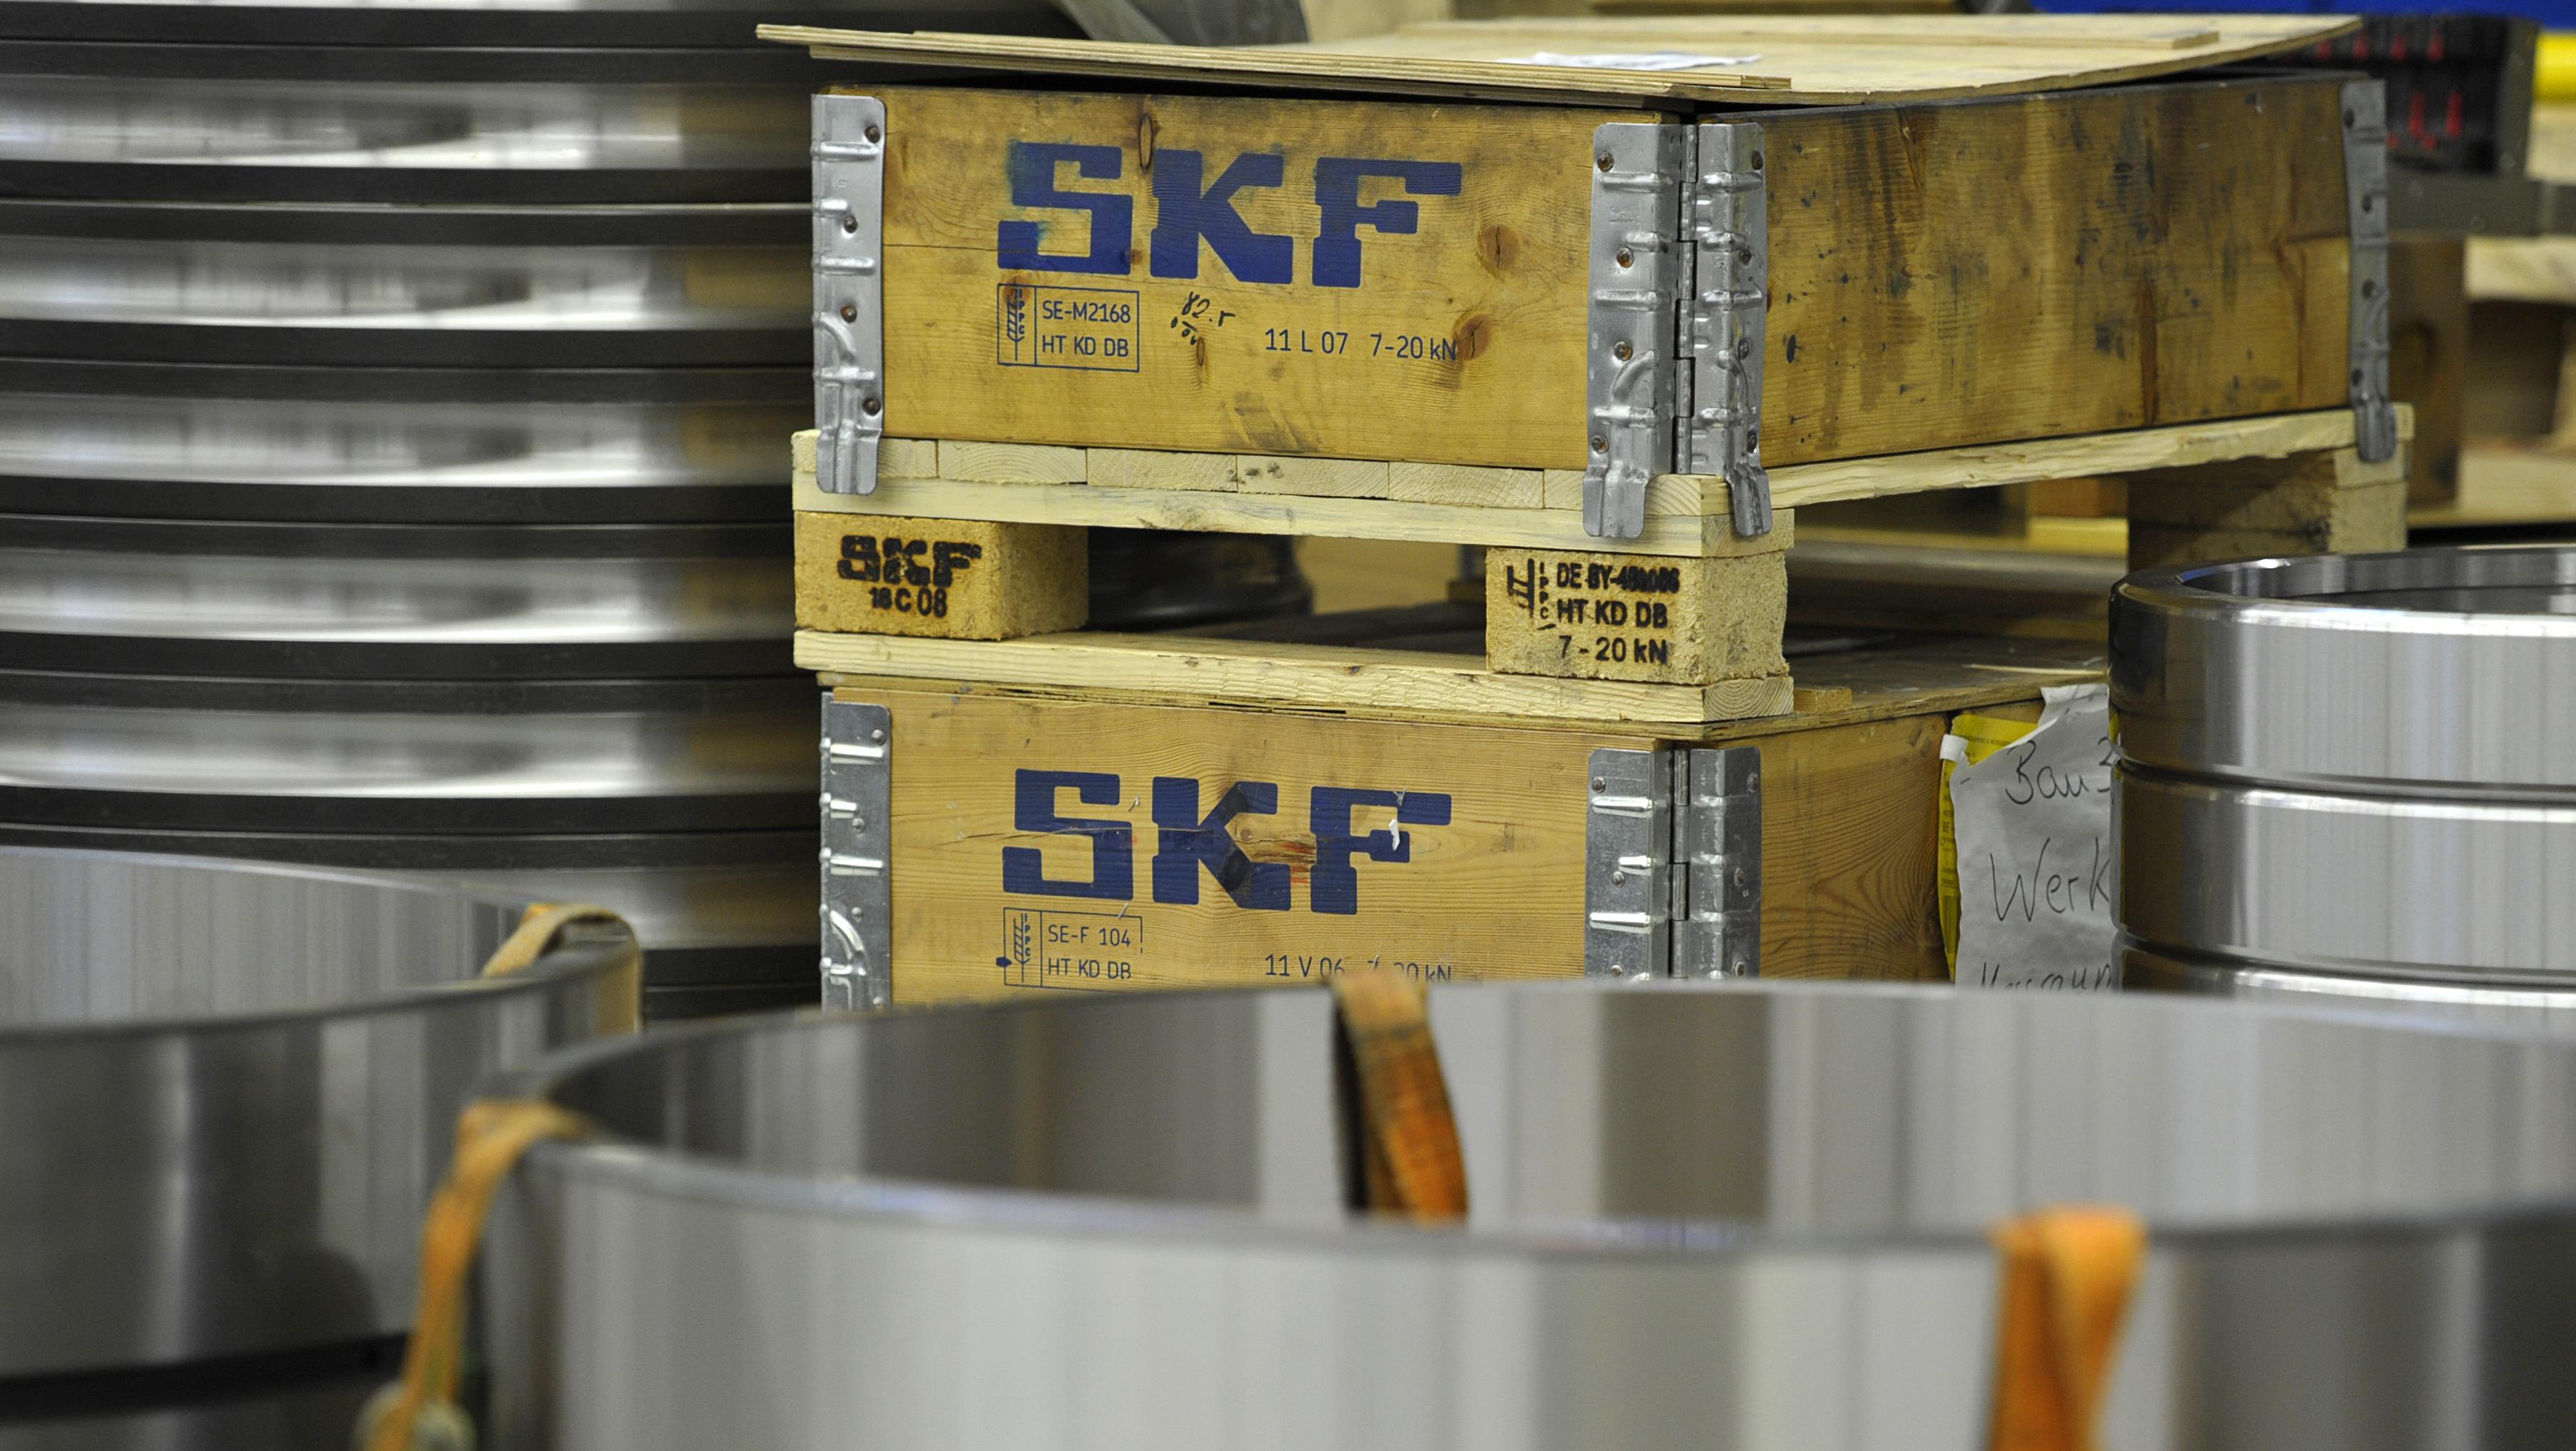 Kisten mit SKF-Logo am Standort Schweinfurt